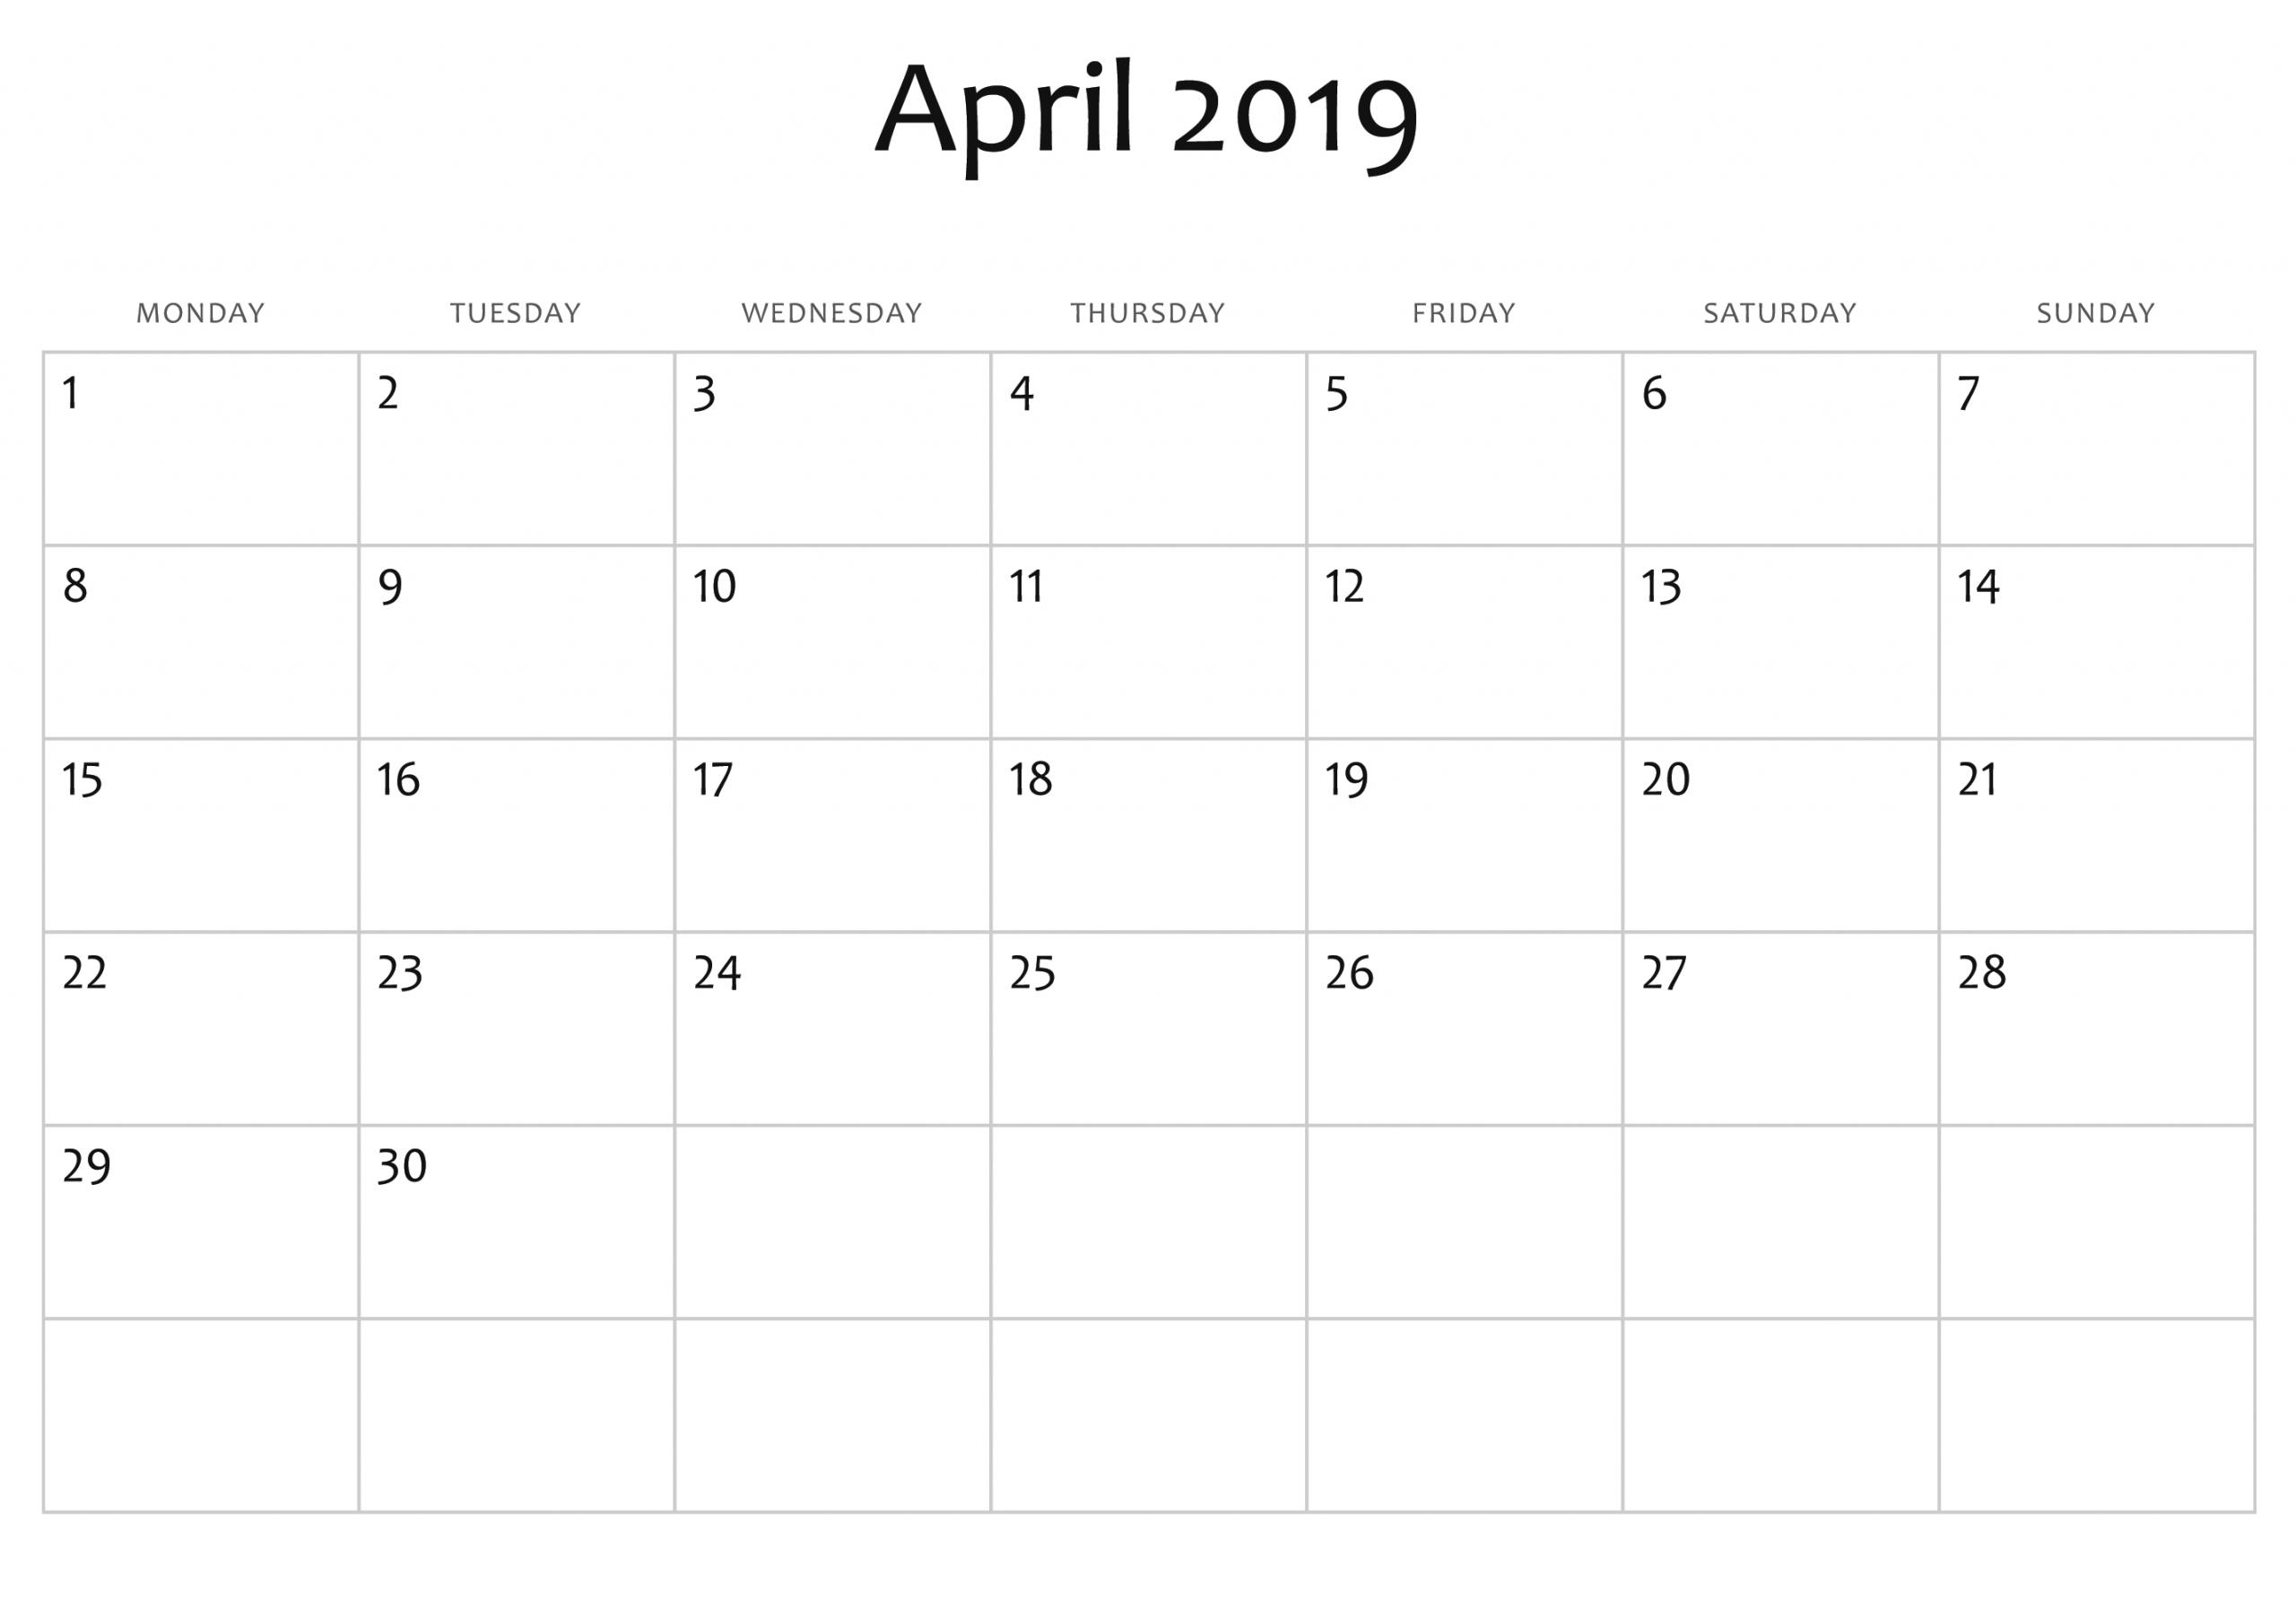 Birthday Calendar Montessori For Print - Calendar